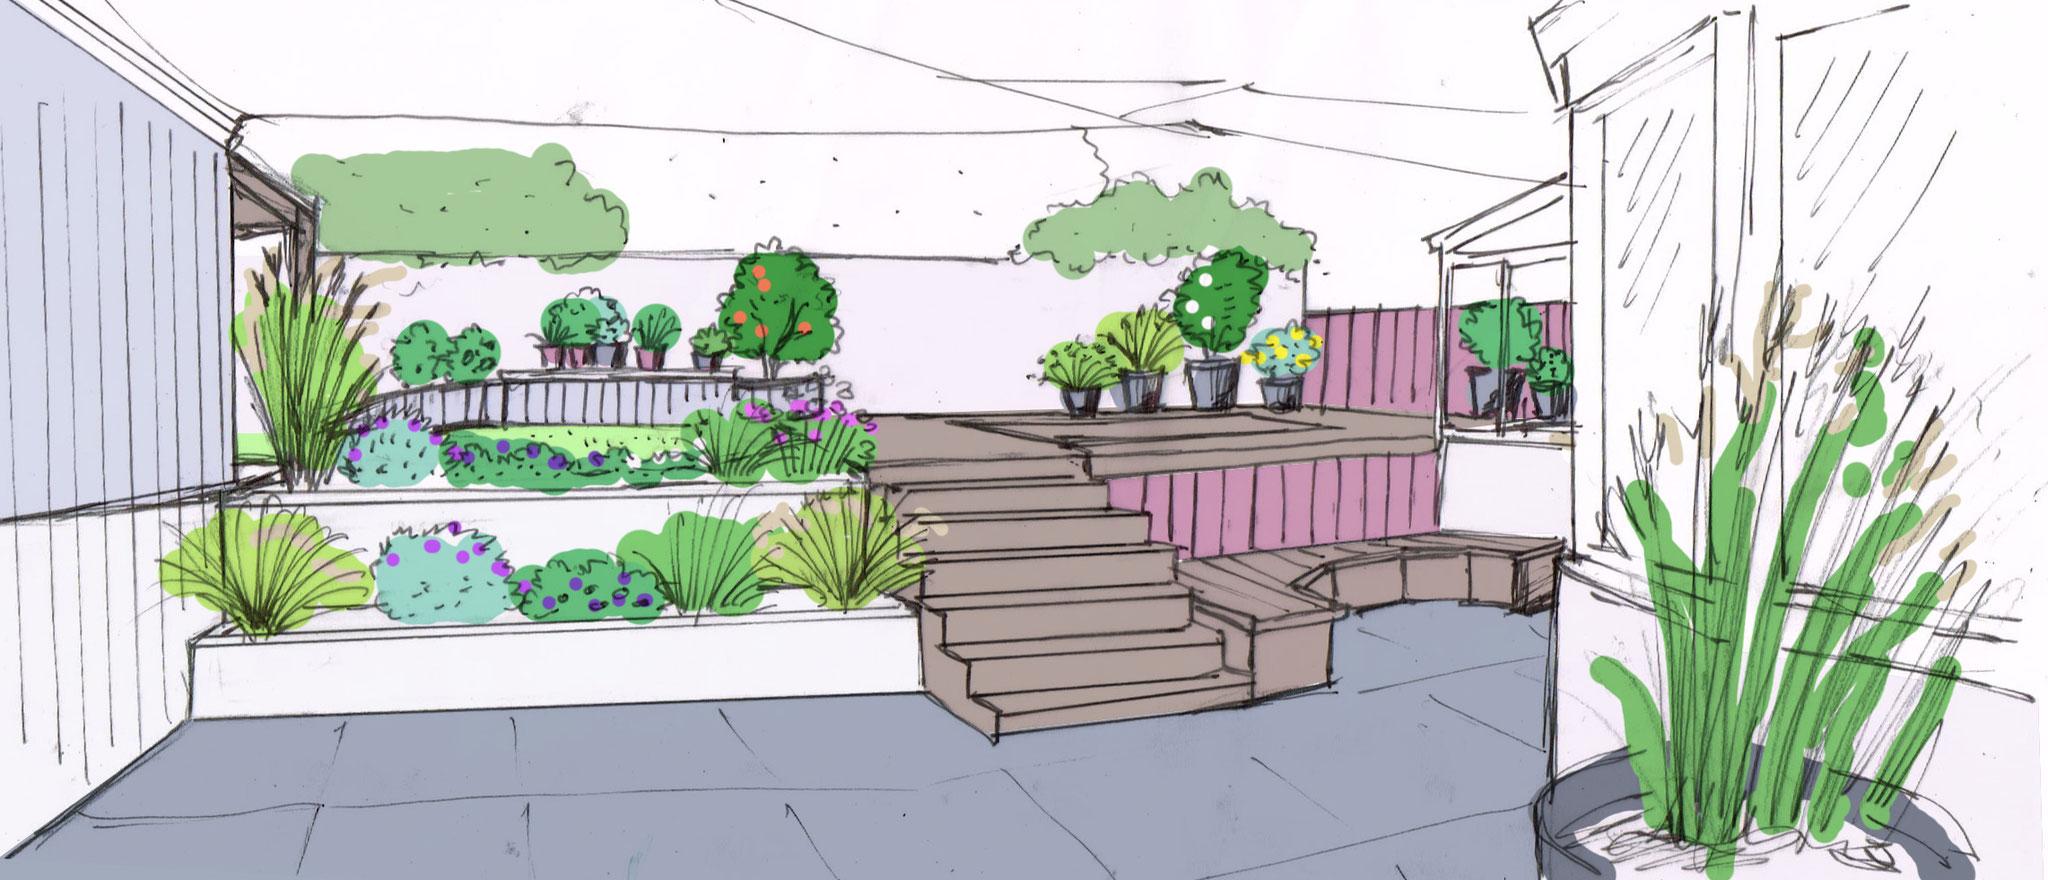 Petit jardin de ville, jeux de niveaux et couleurs